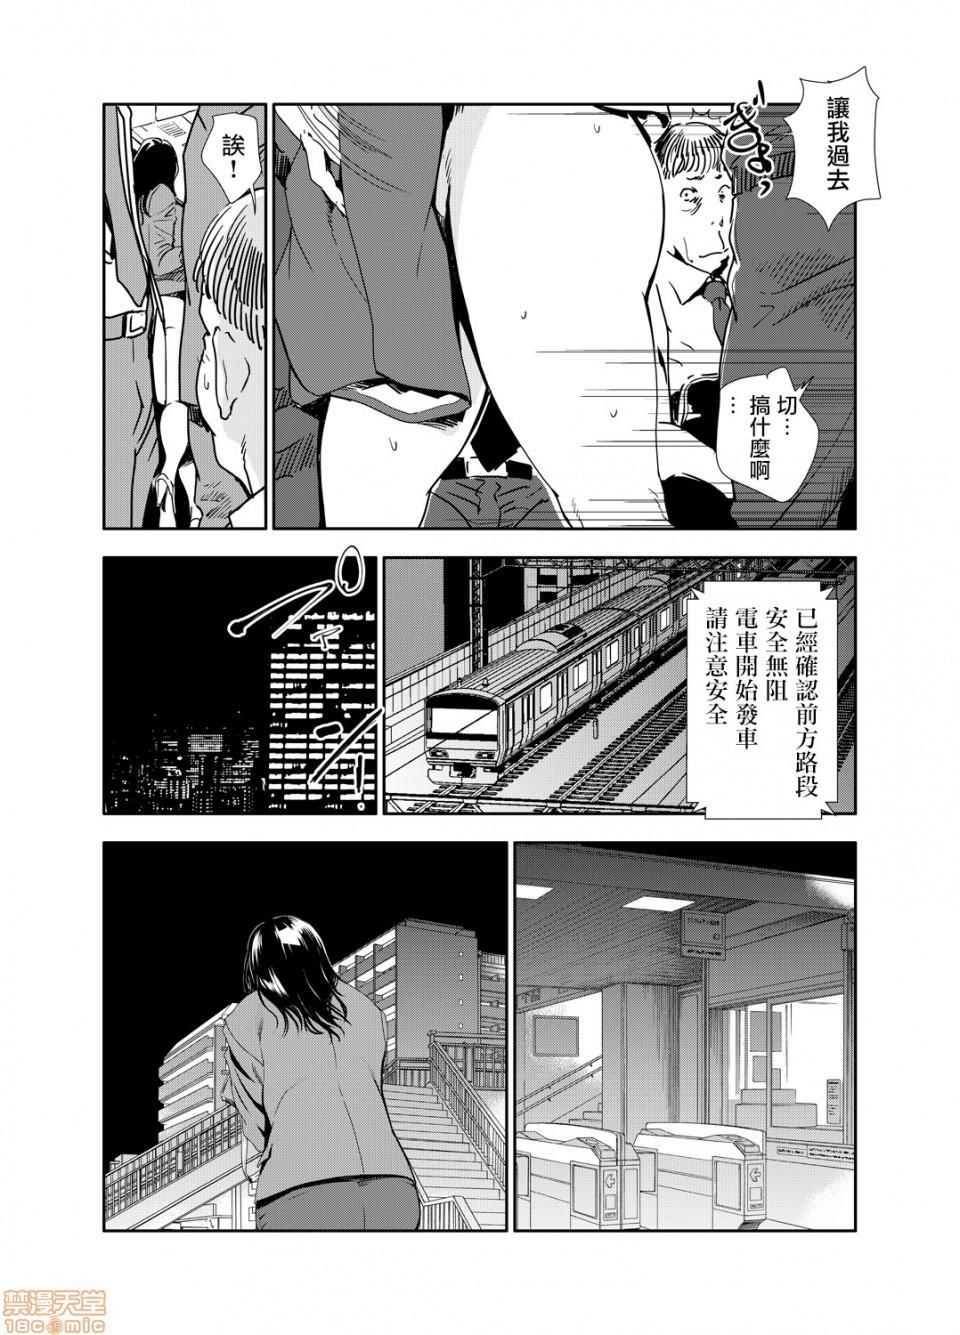 Chikan Express 11 7